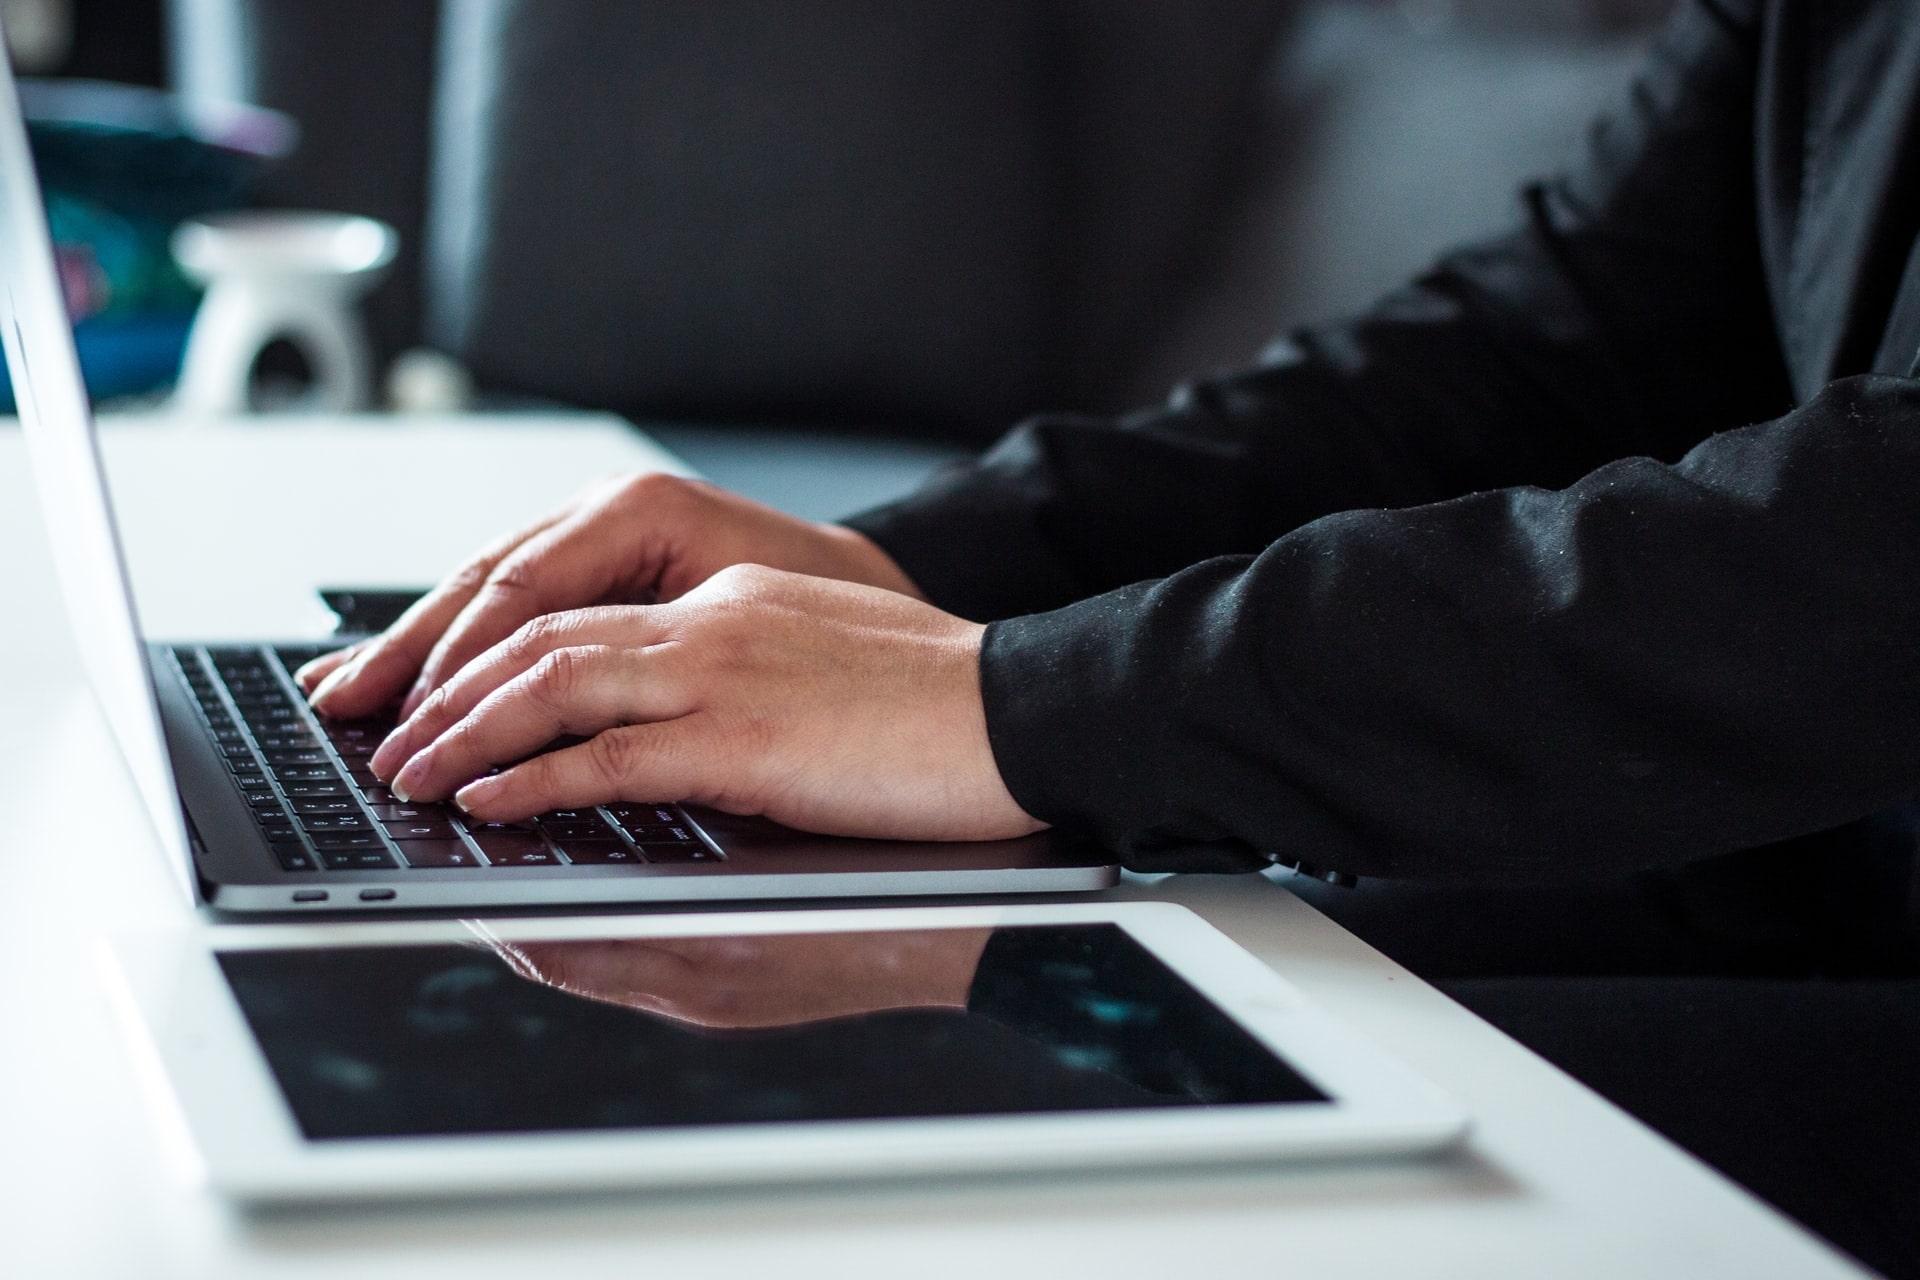 Guia para gestores: como fazer integração de dados entre sistemas de vendas